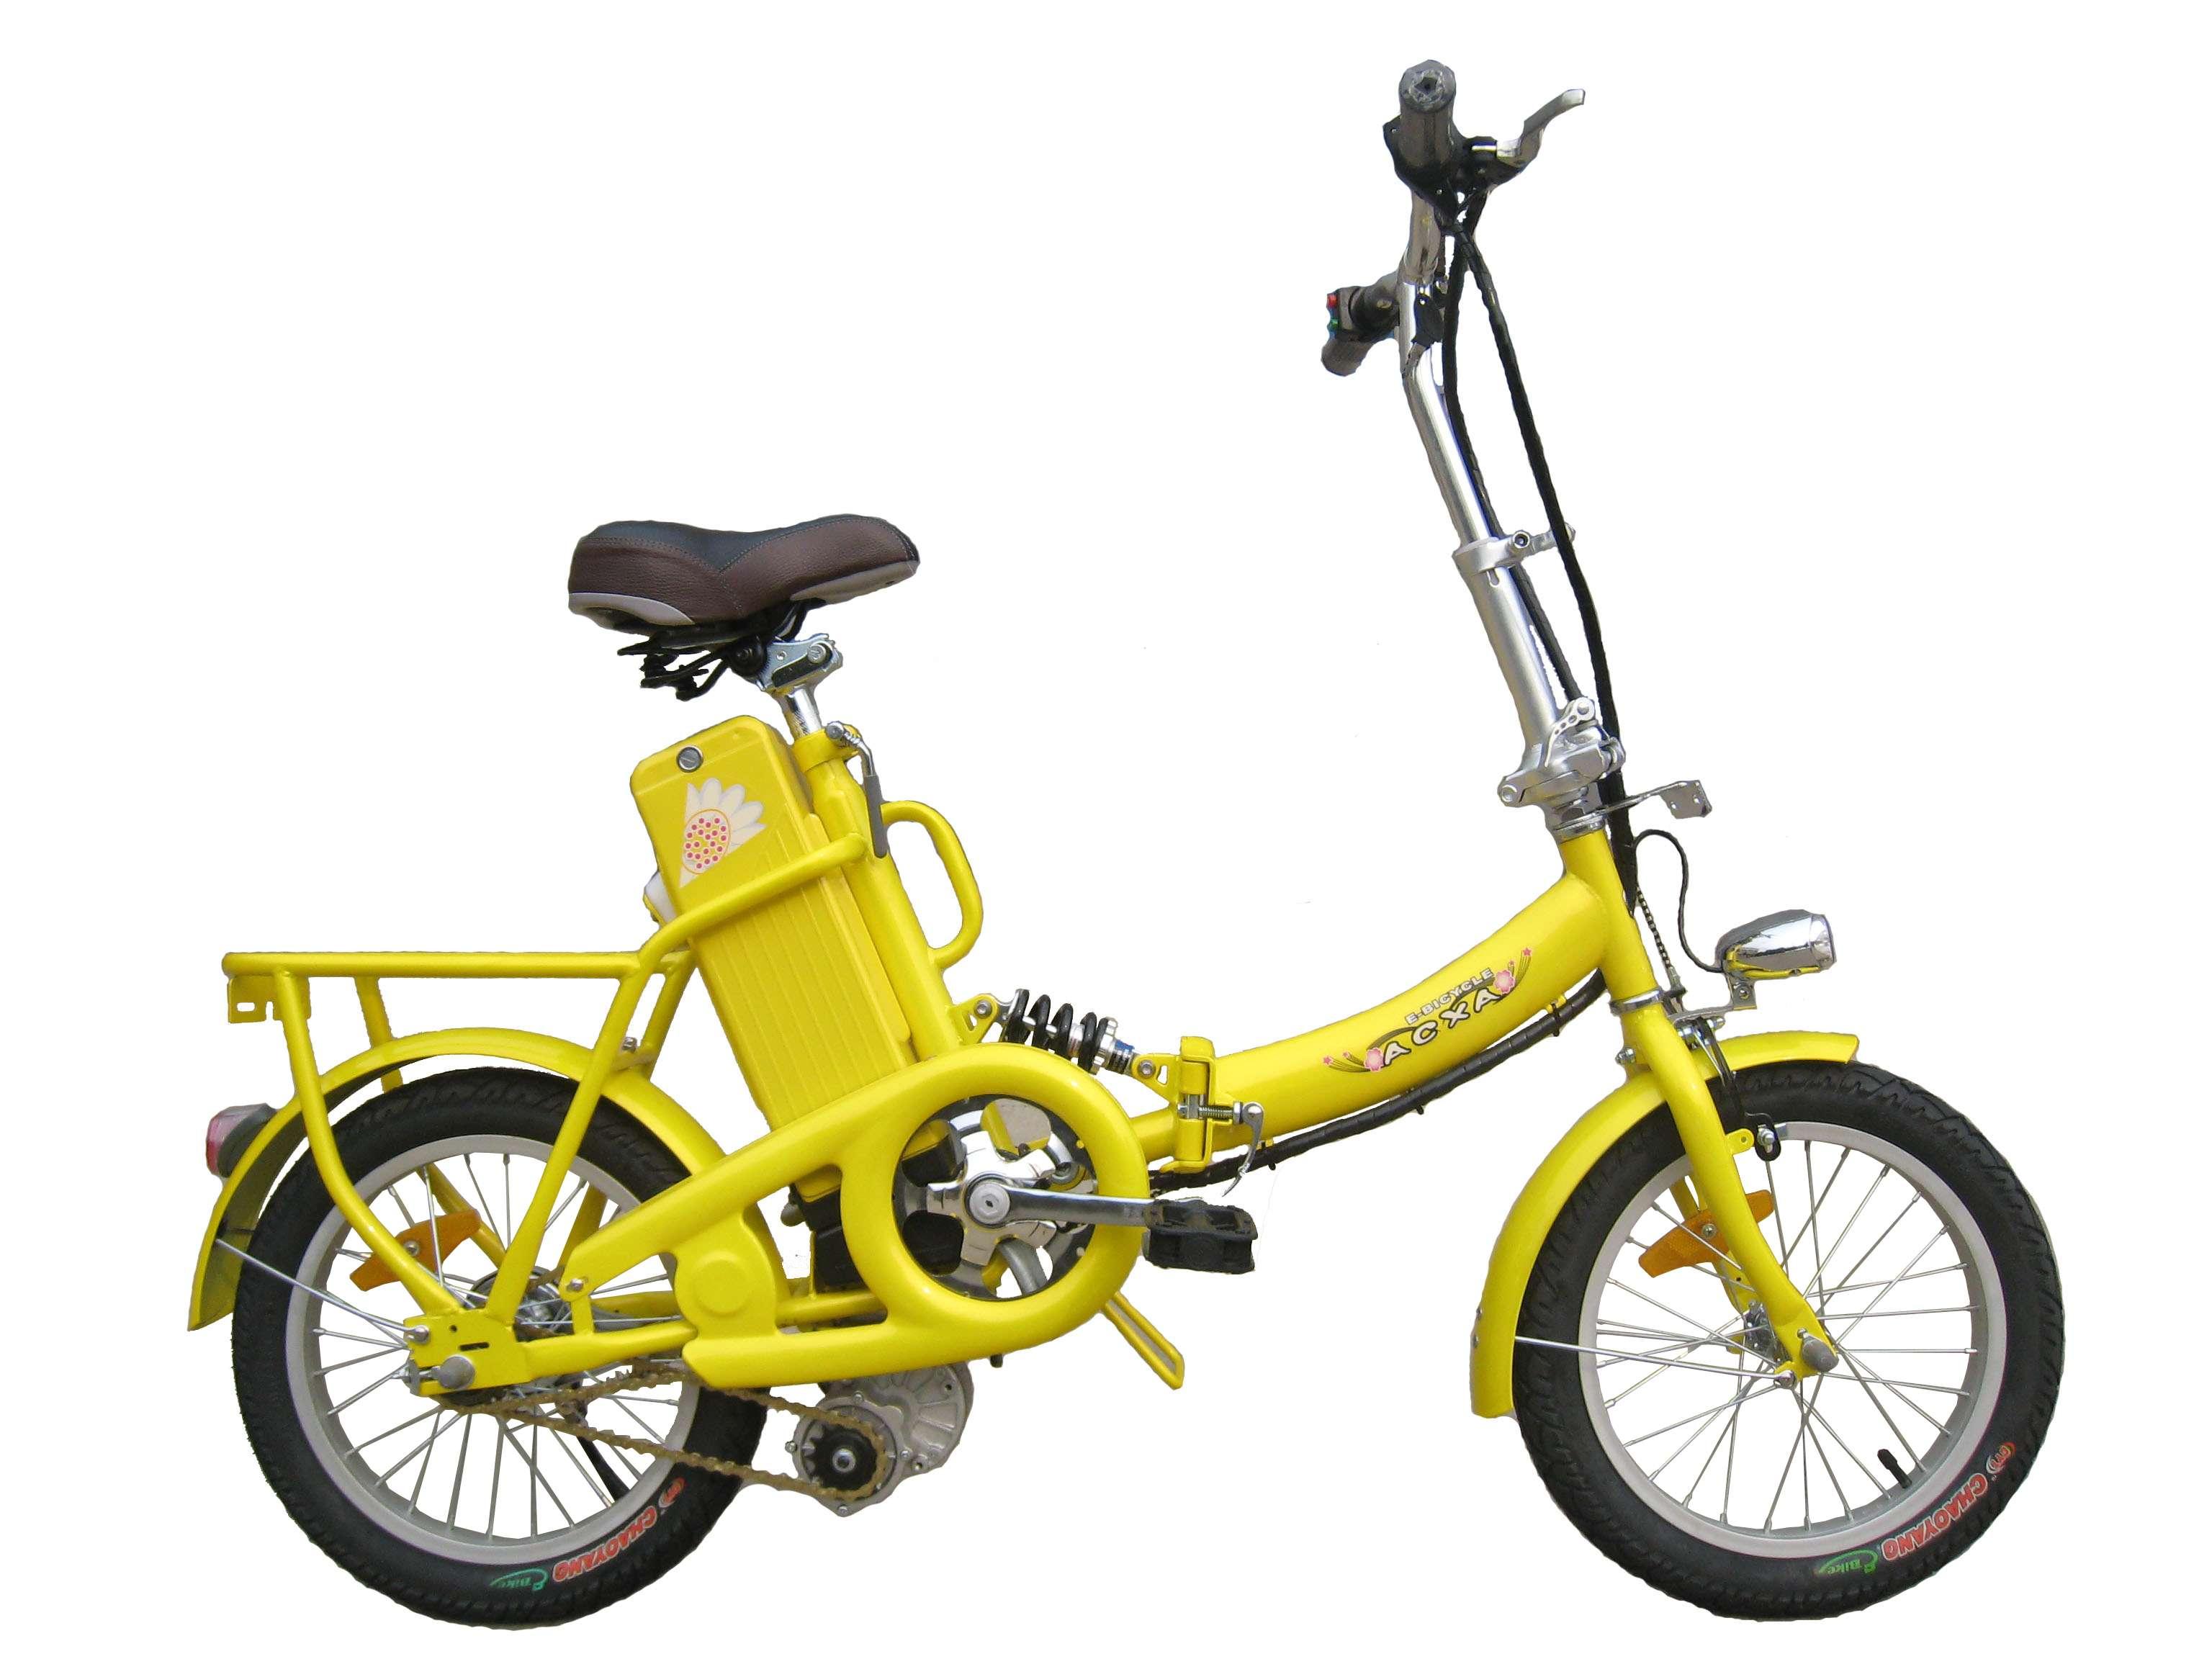 elektro klapprad faltrad elektrofahrrad e bike fahrrad. Black Bedroom Furniture Sets. Home Design Ideas